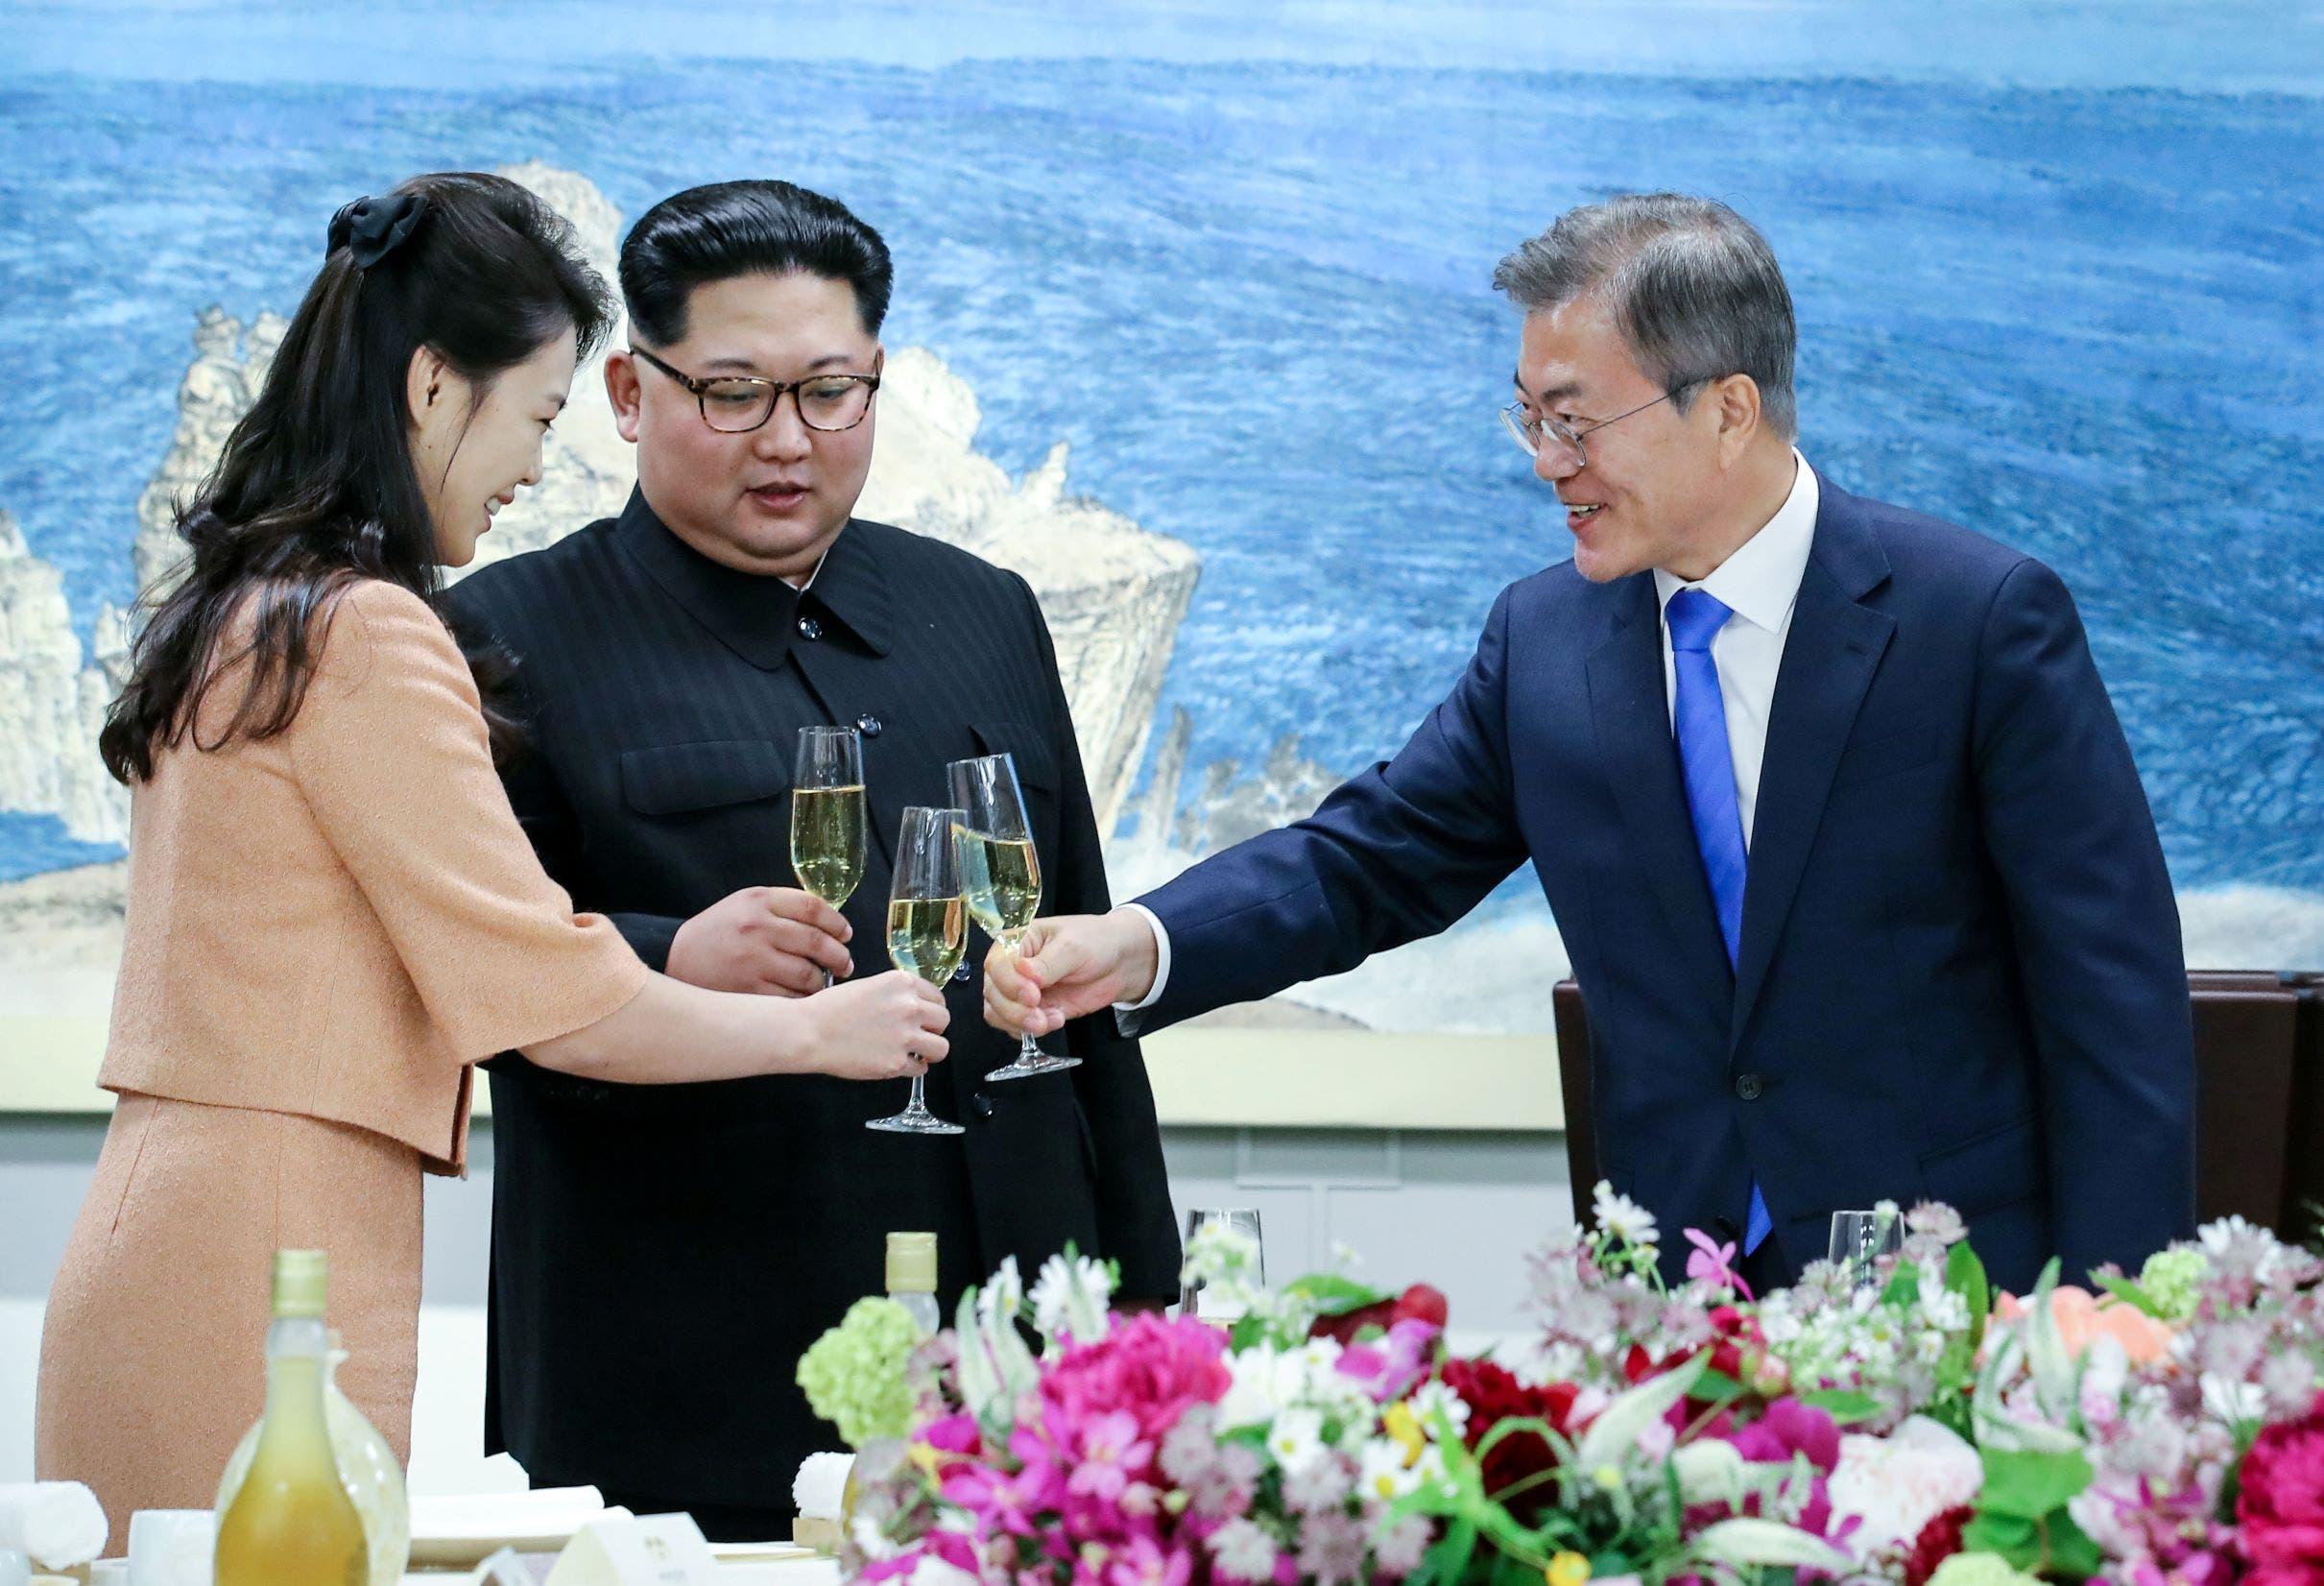 كيم وزوجته ورئيس كوريا الجنوبية (أرشيفية-رويترز)